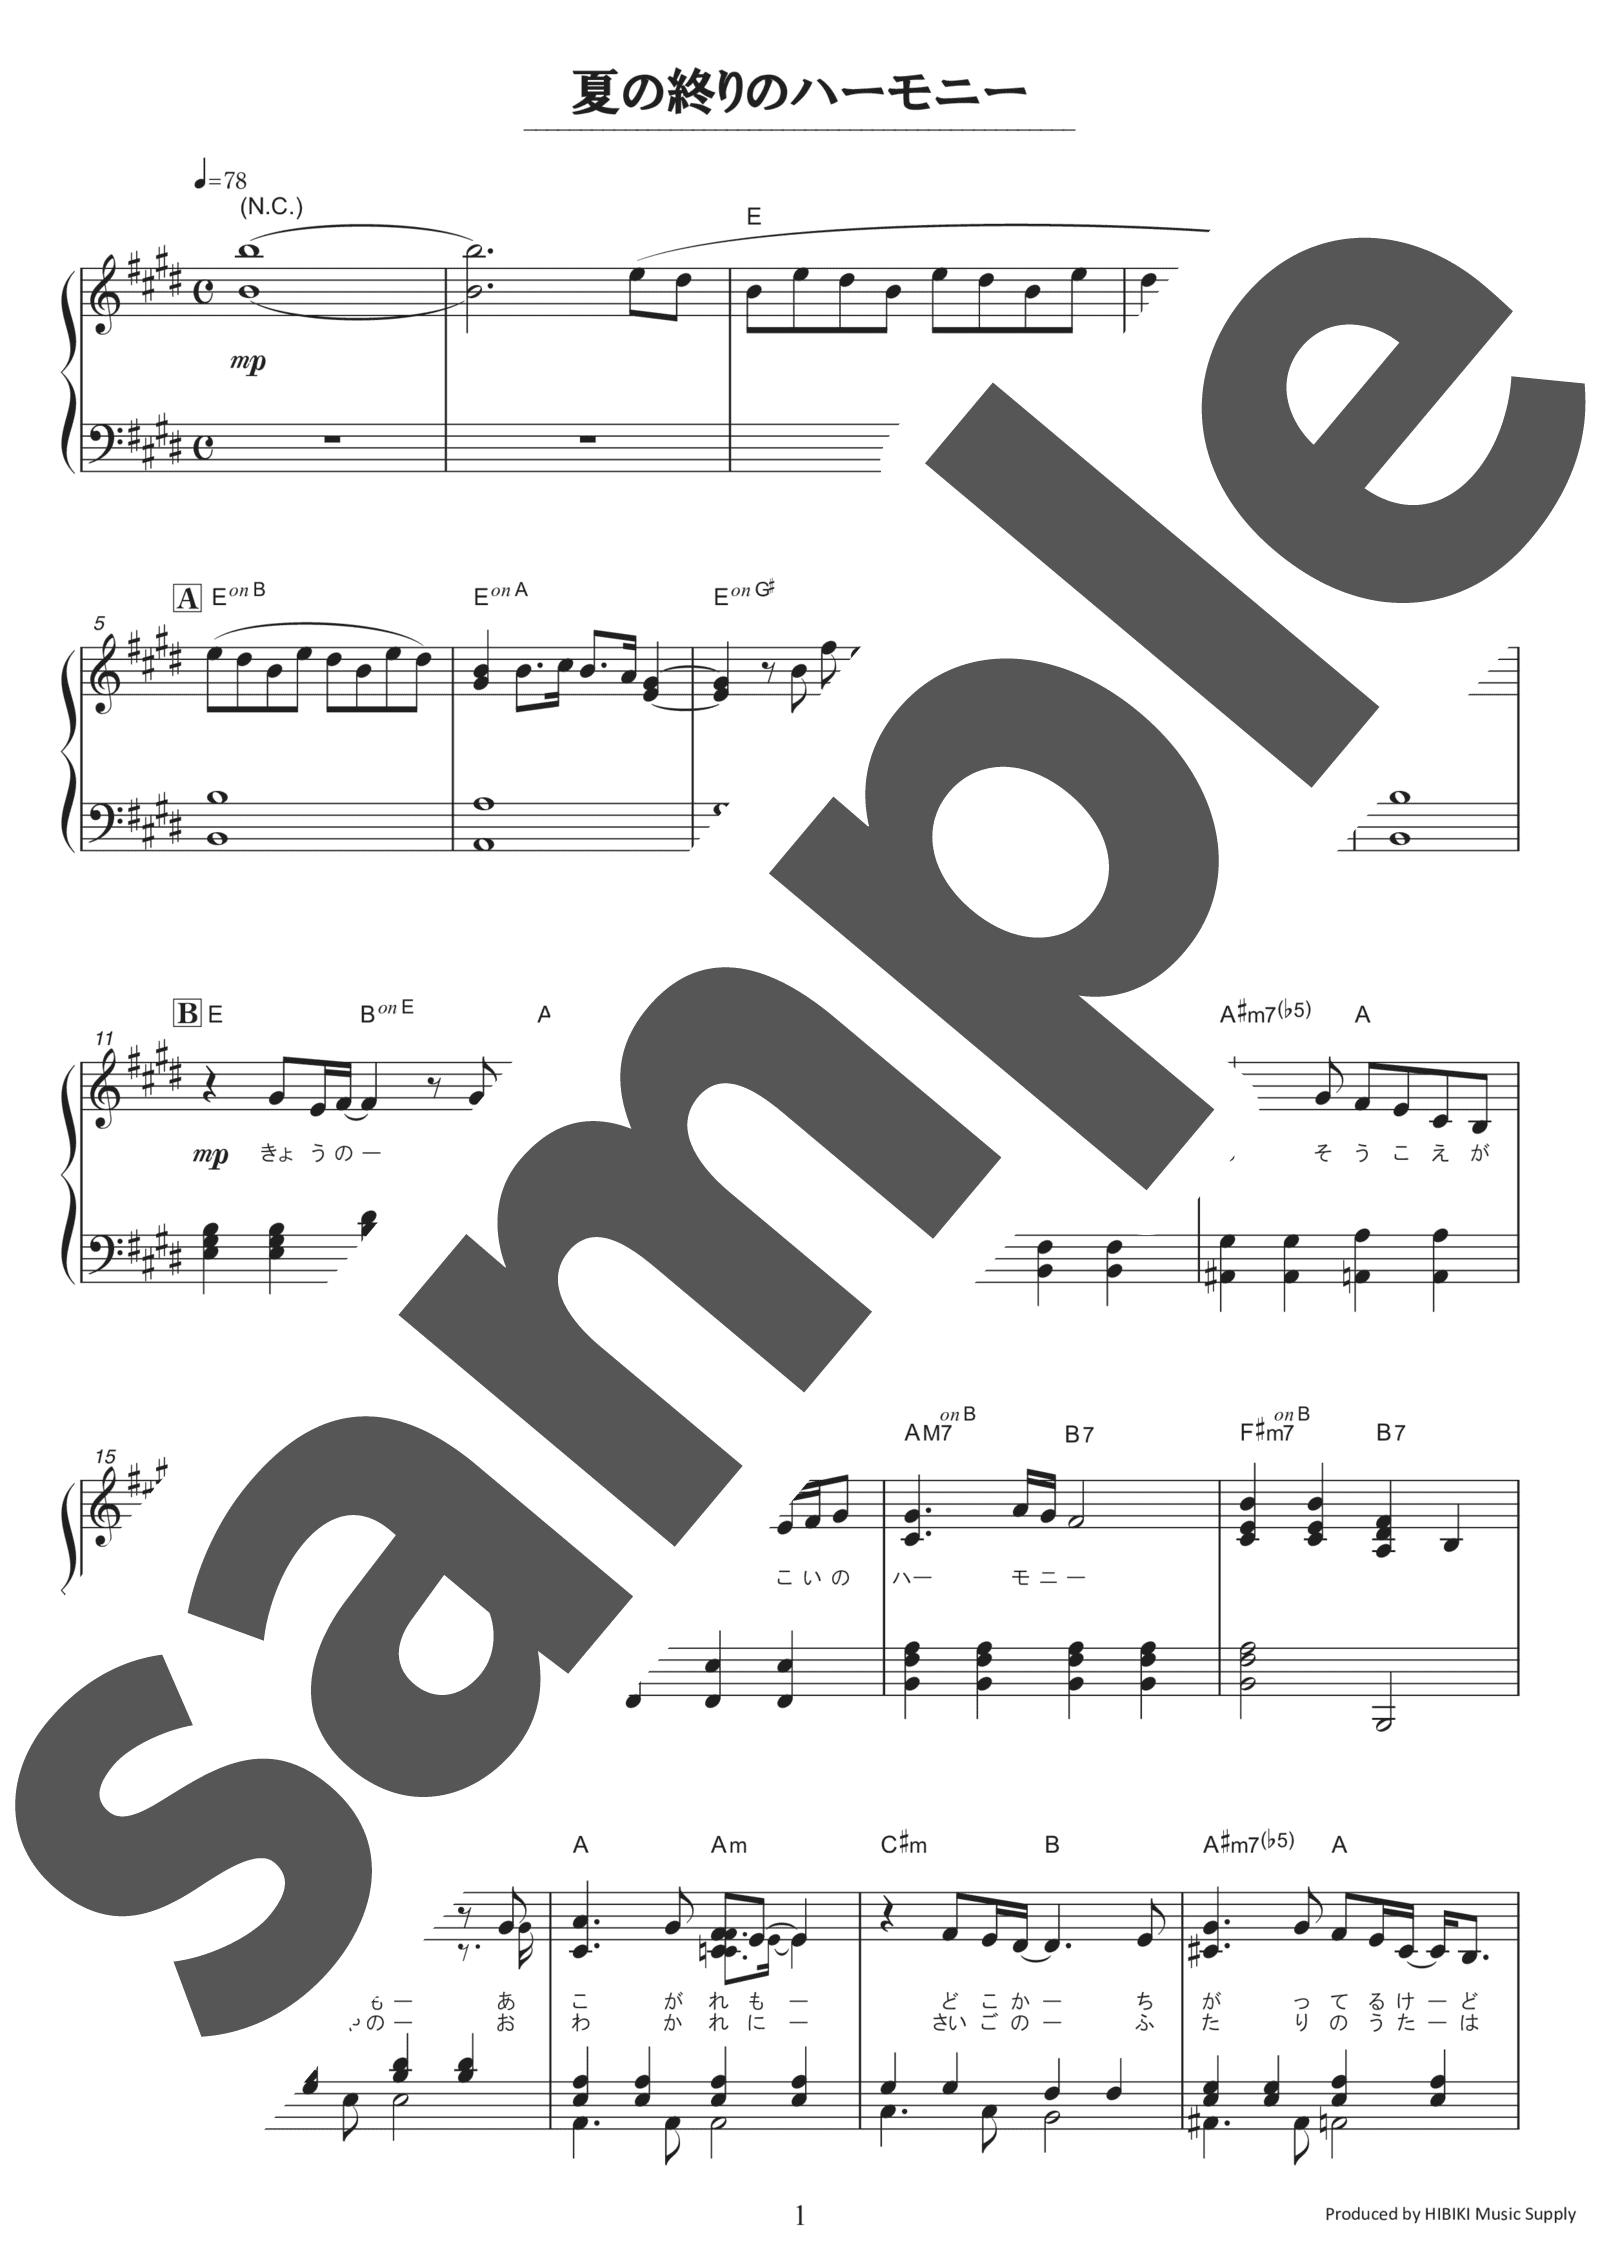 「夏の終りのハーモニー」のサンプル楽譜